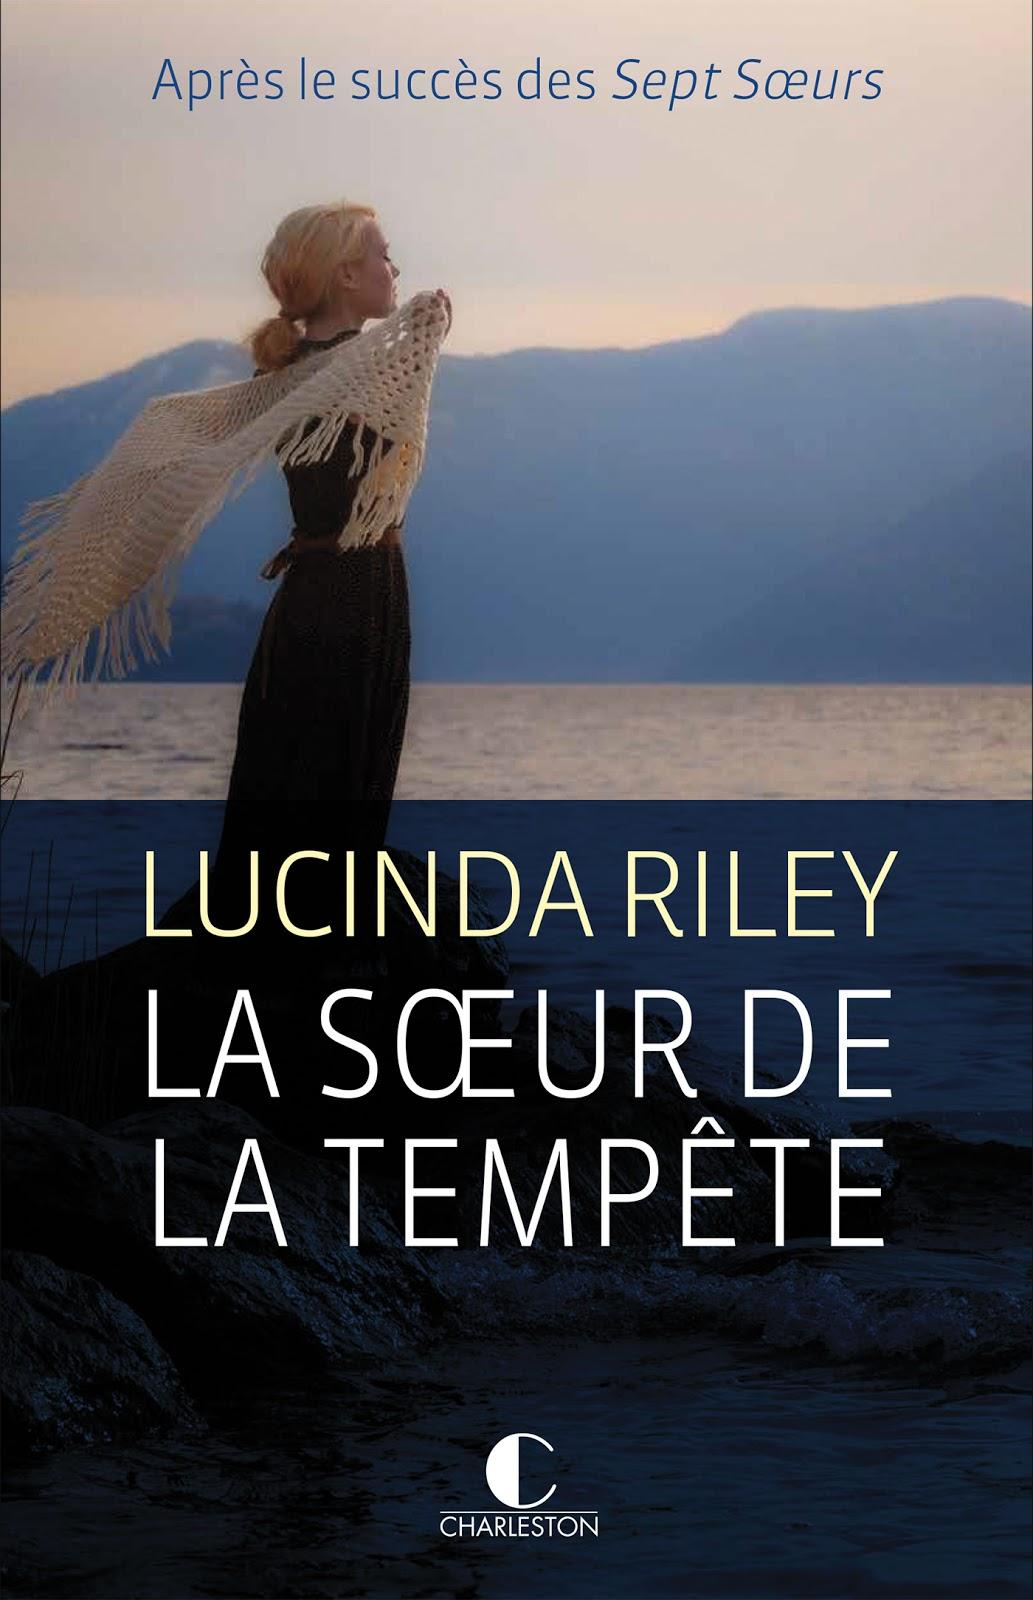 10-riley_la_soeur_de_la_tempete